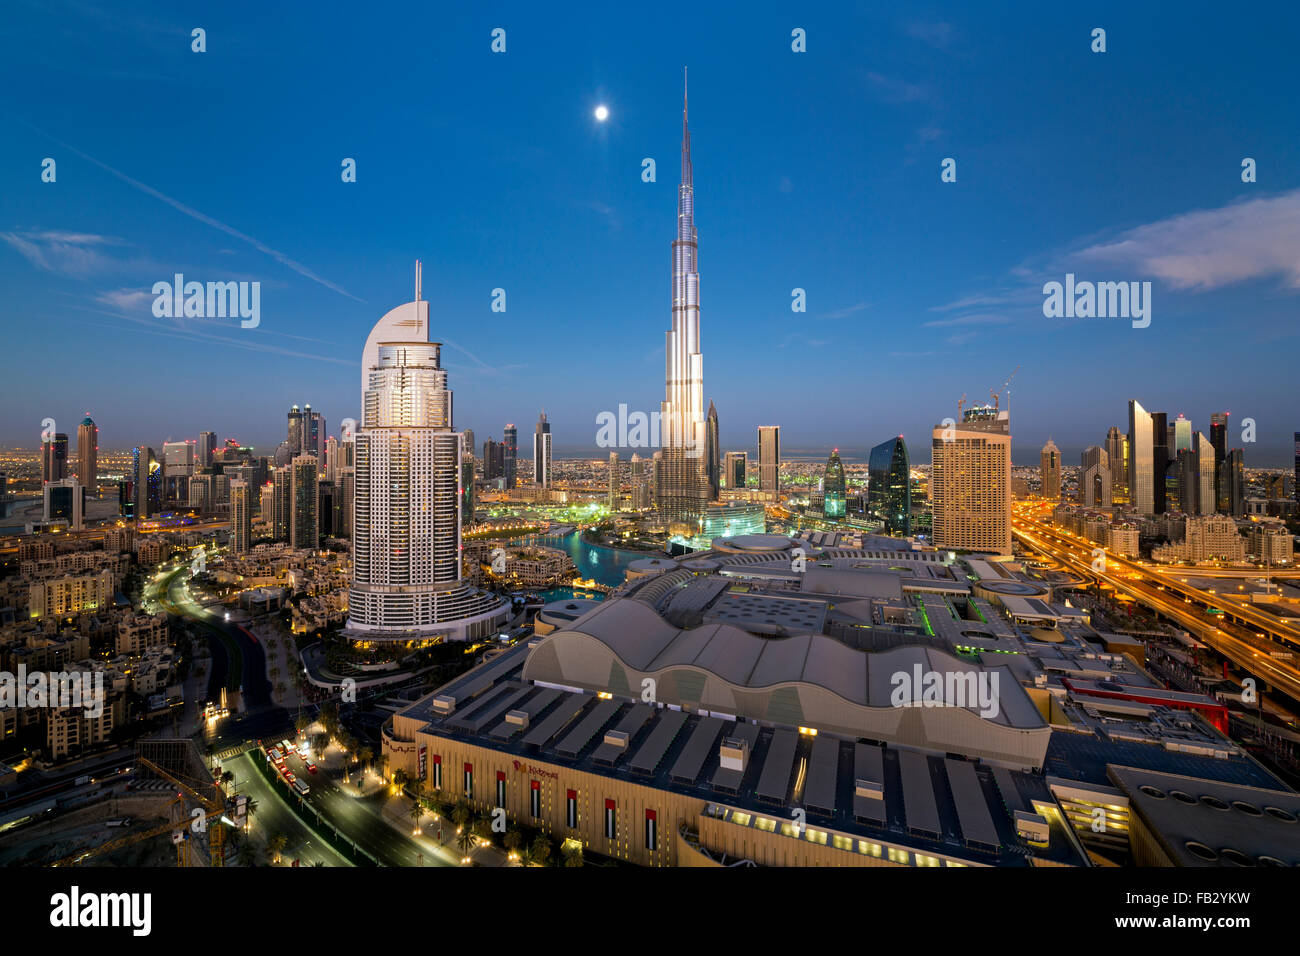 United Arab Emirates, Dubai, the Burj Khalifa, elevated view looking over the Dubai Mall - Stock Image